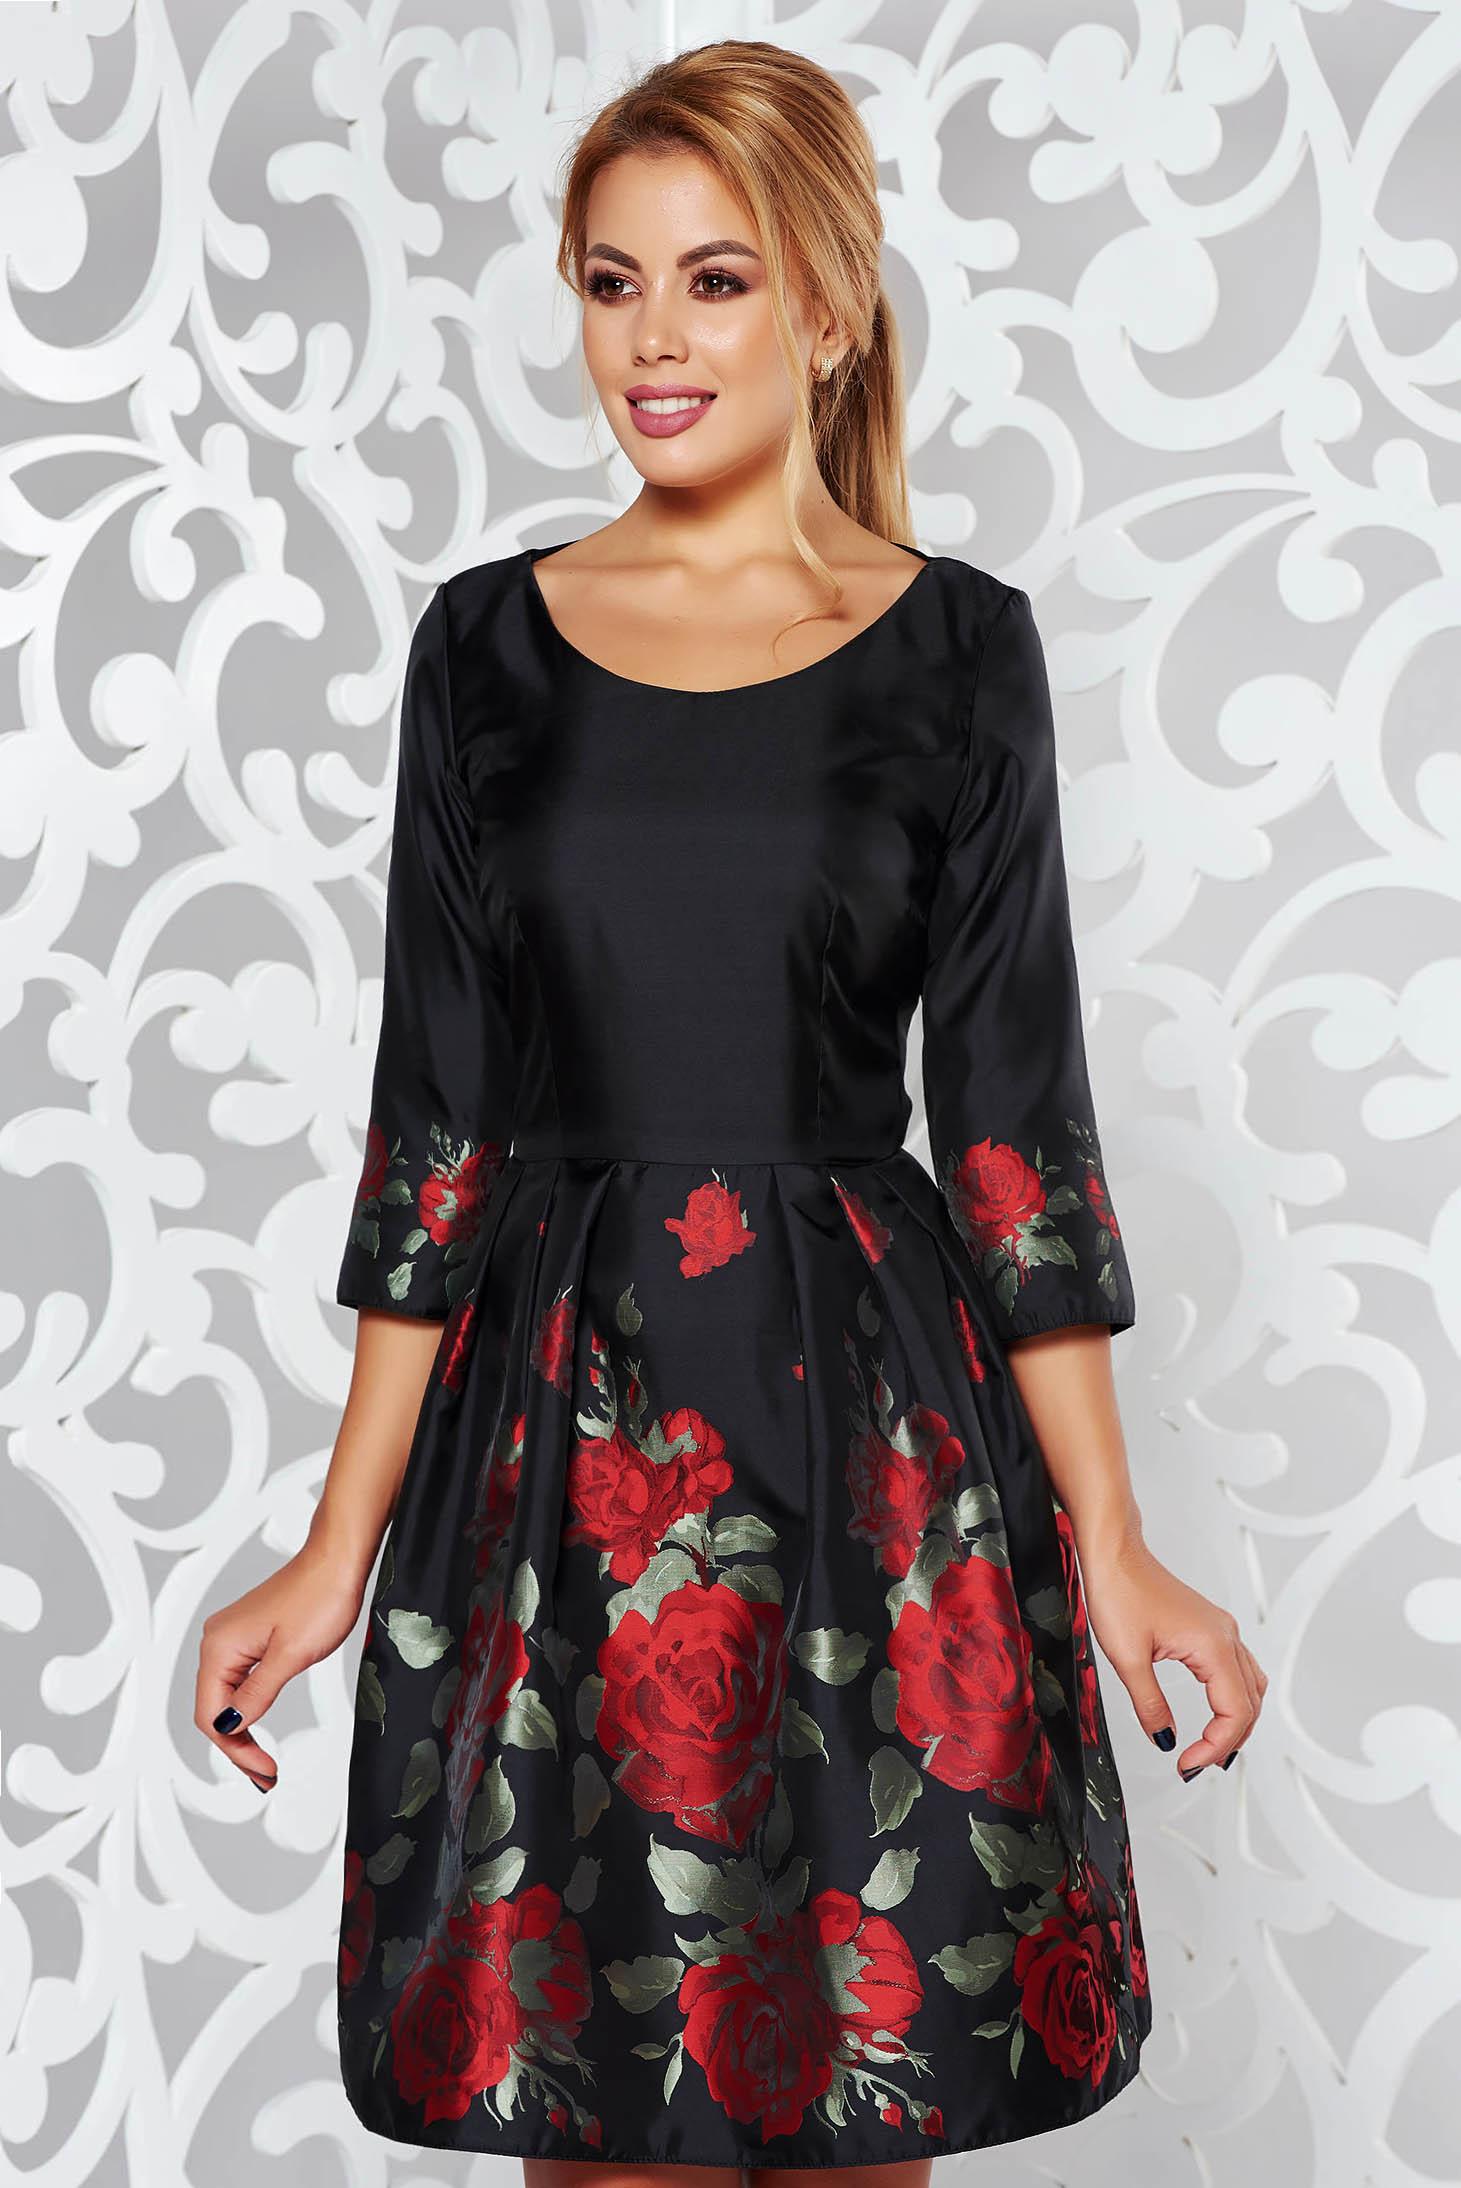 9d6512ddb8 Fekete PrettyGirl alkalmi harang ruha fényes anyag virágmintás díszítéssel